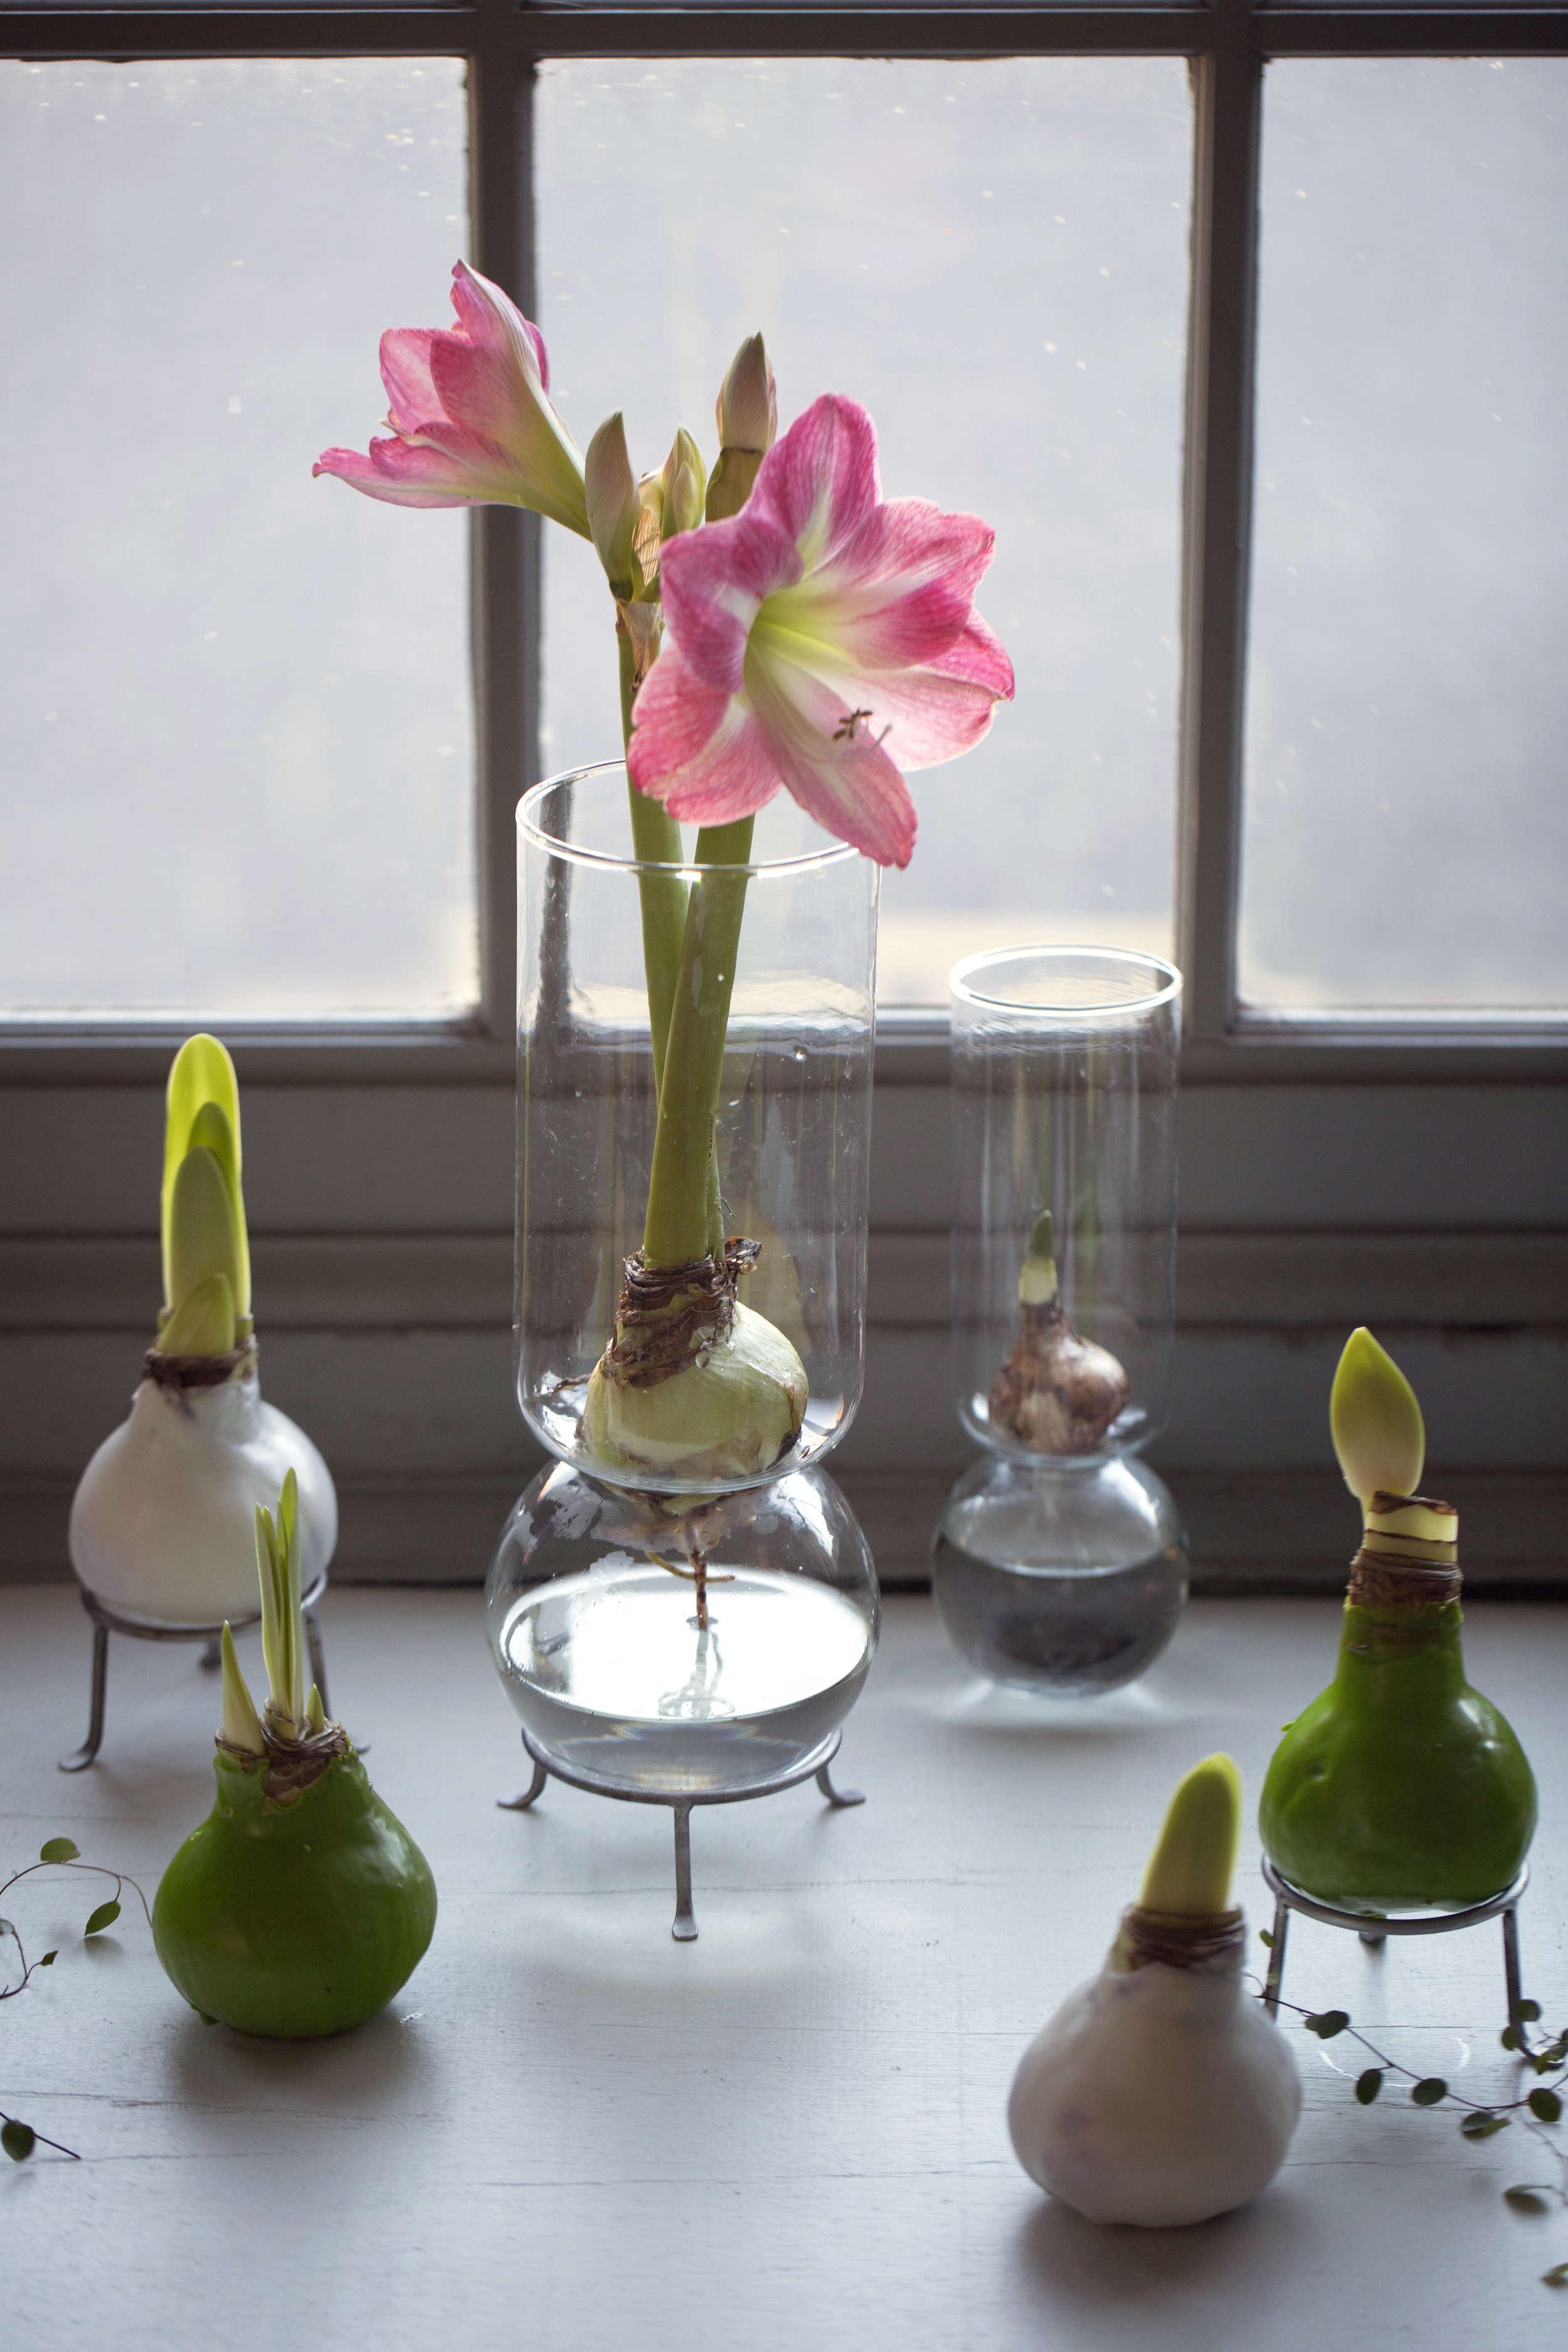 waxed-amaryllis-bulbs-gardenista-4